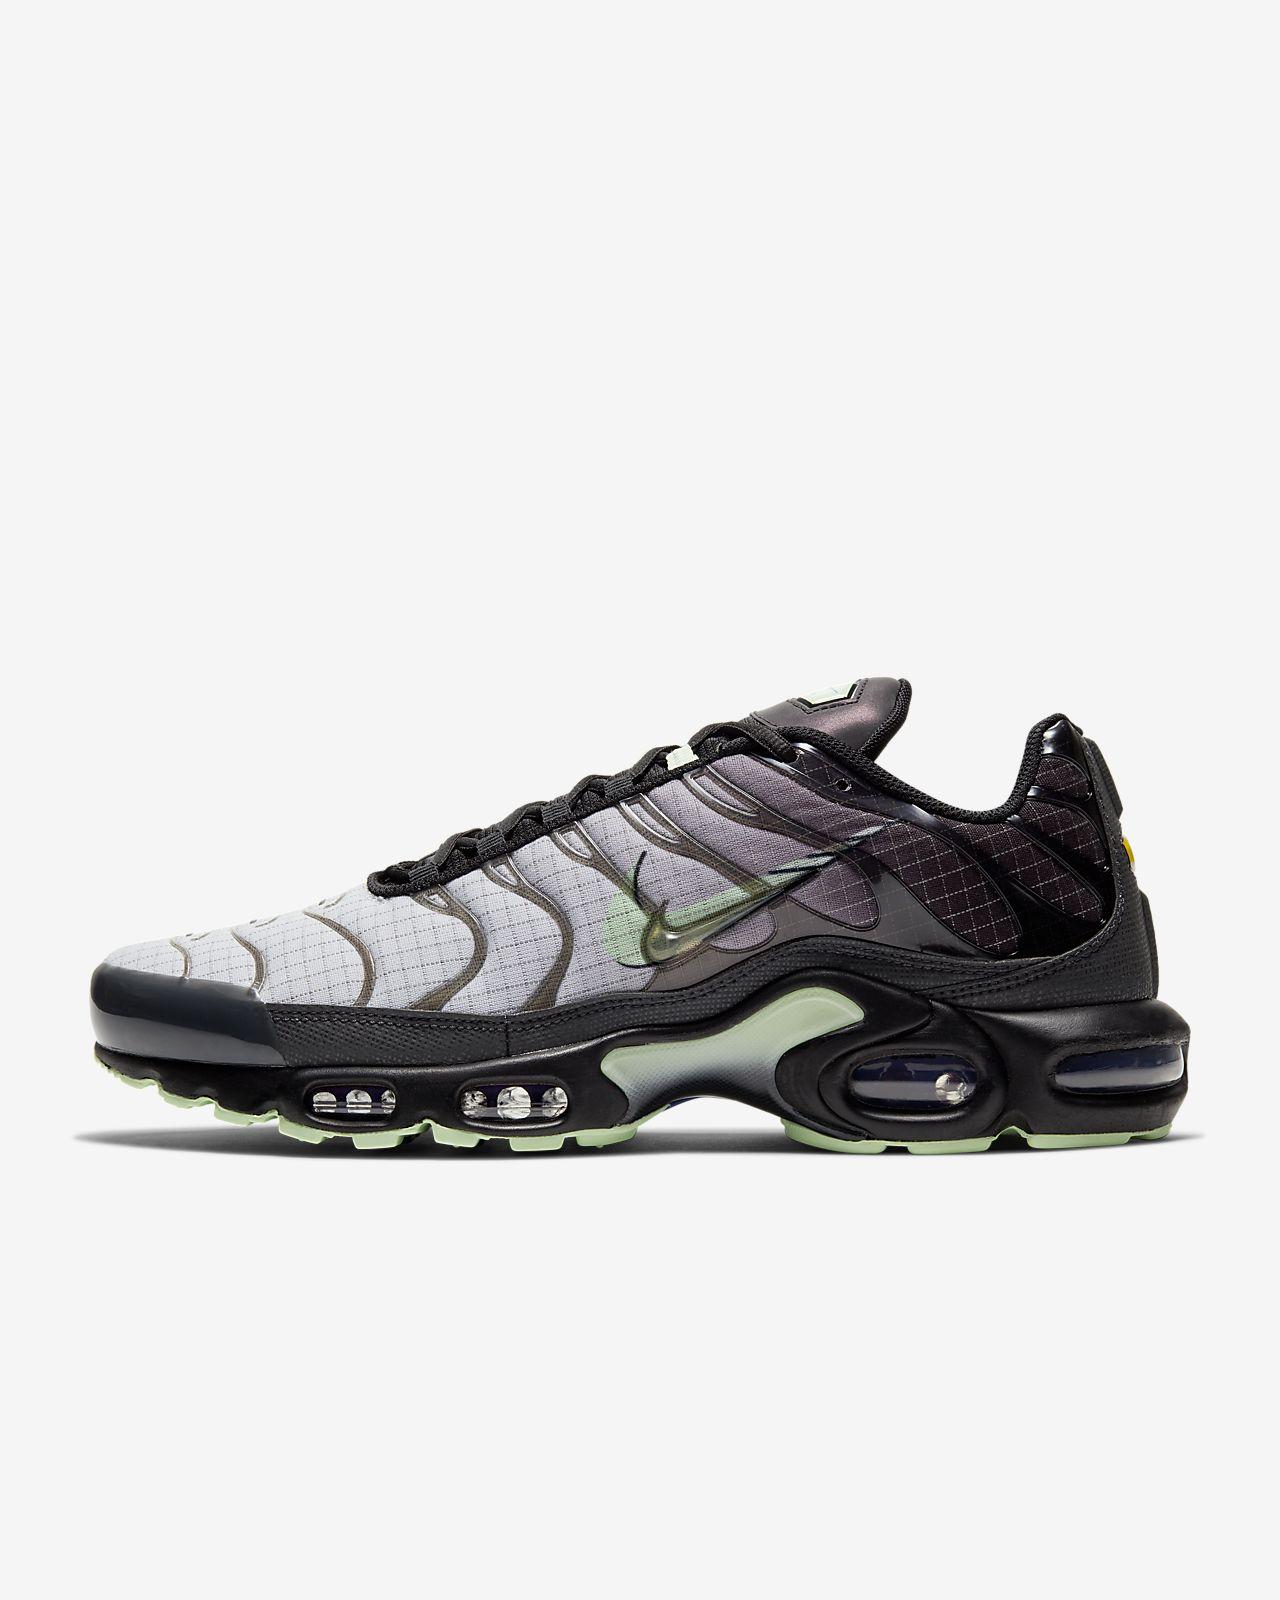 népszerű üzletek legjobb választás szépség Nike Air Max Plus férficipő. Nike HU